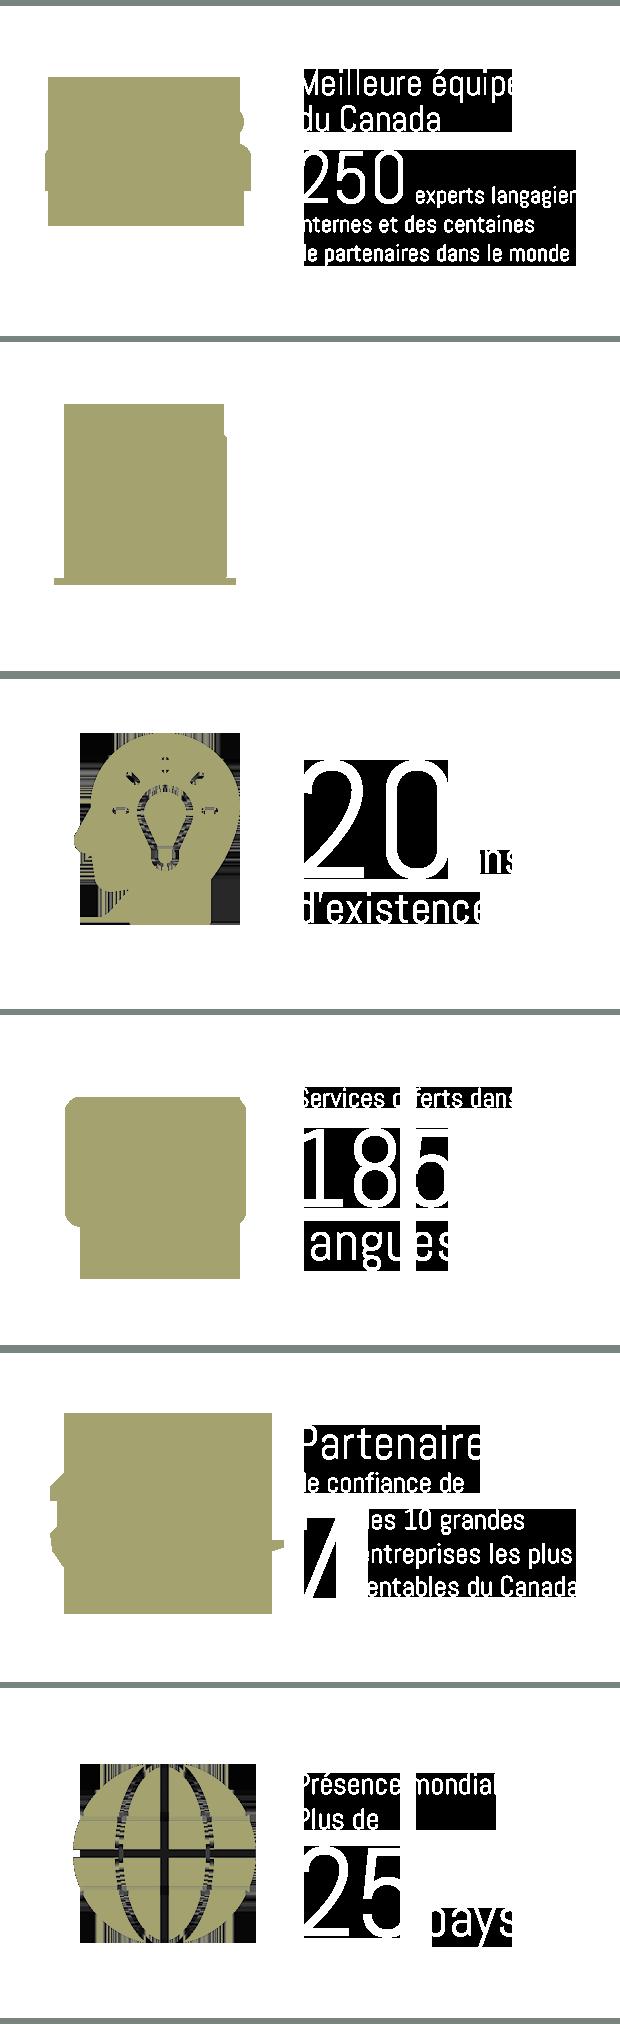 Cabinet de traduction professionnel agence de traduction - Cabinet de traduction ...